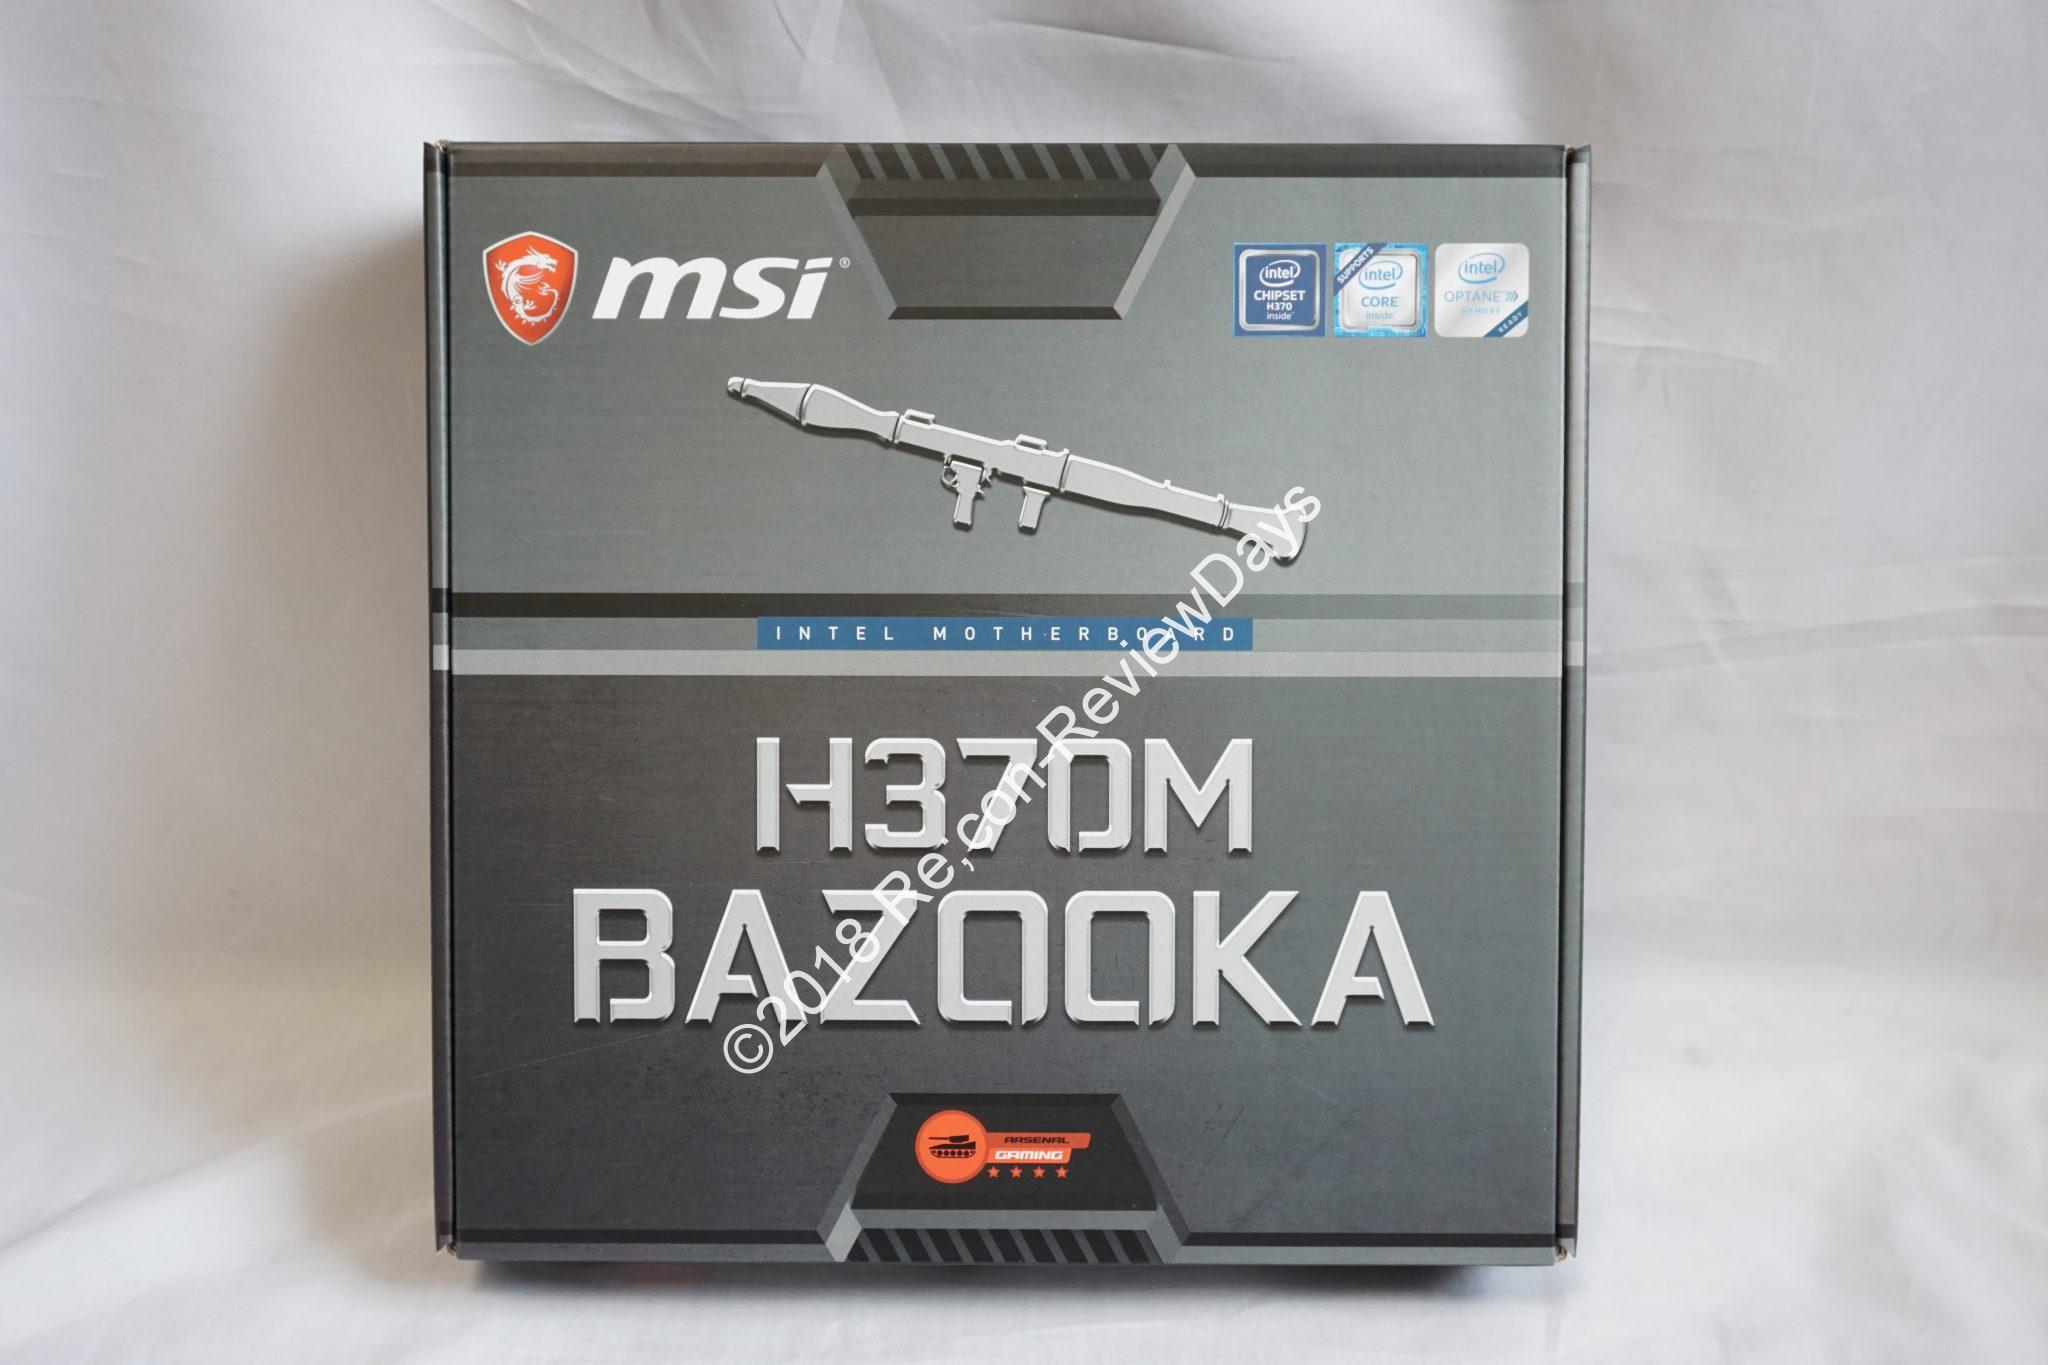 MSI Intel H370を搭載するMicro-ATXマザーボード「H370M BAZOOKA」の外観をチェックする #MSI #Intel #H370 #自作PC #Motherboard